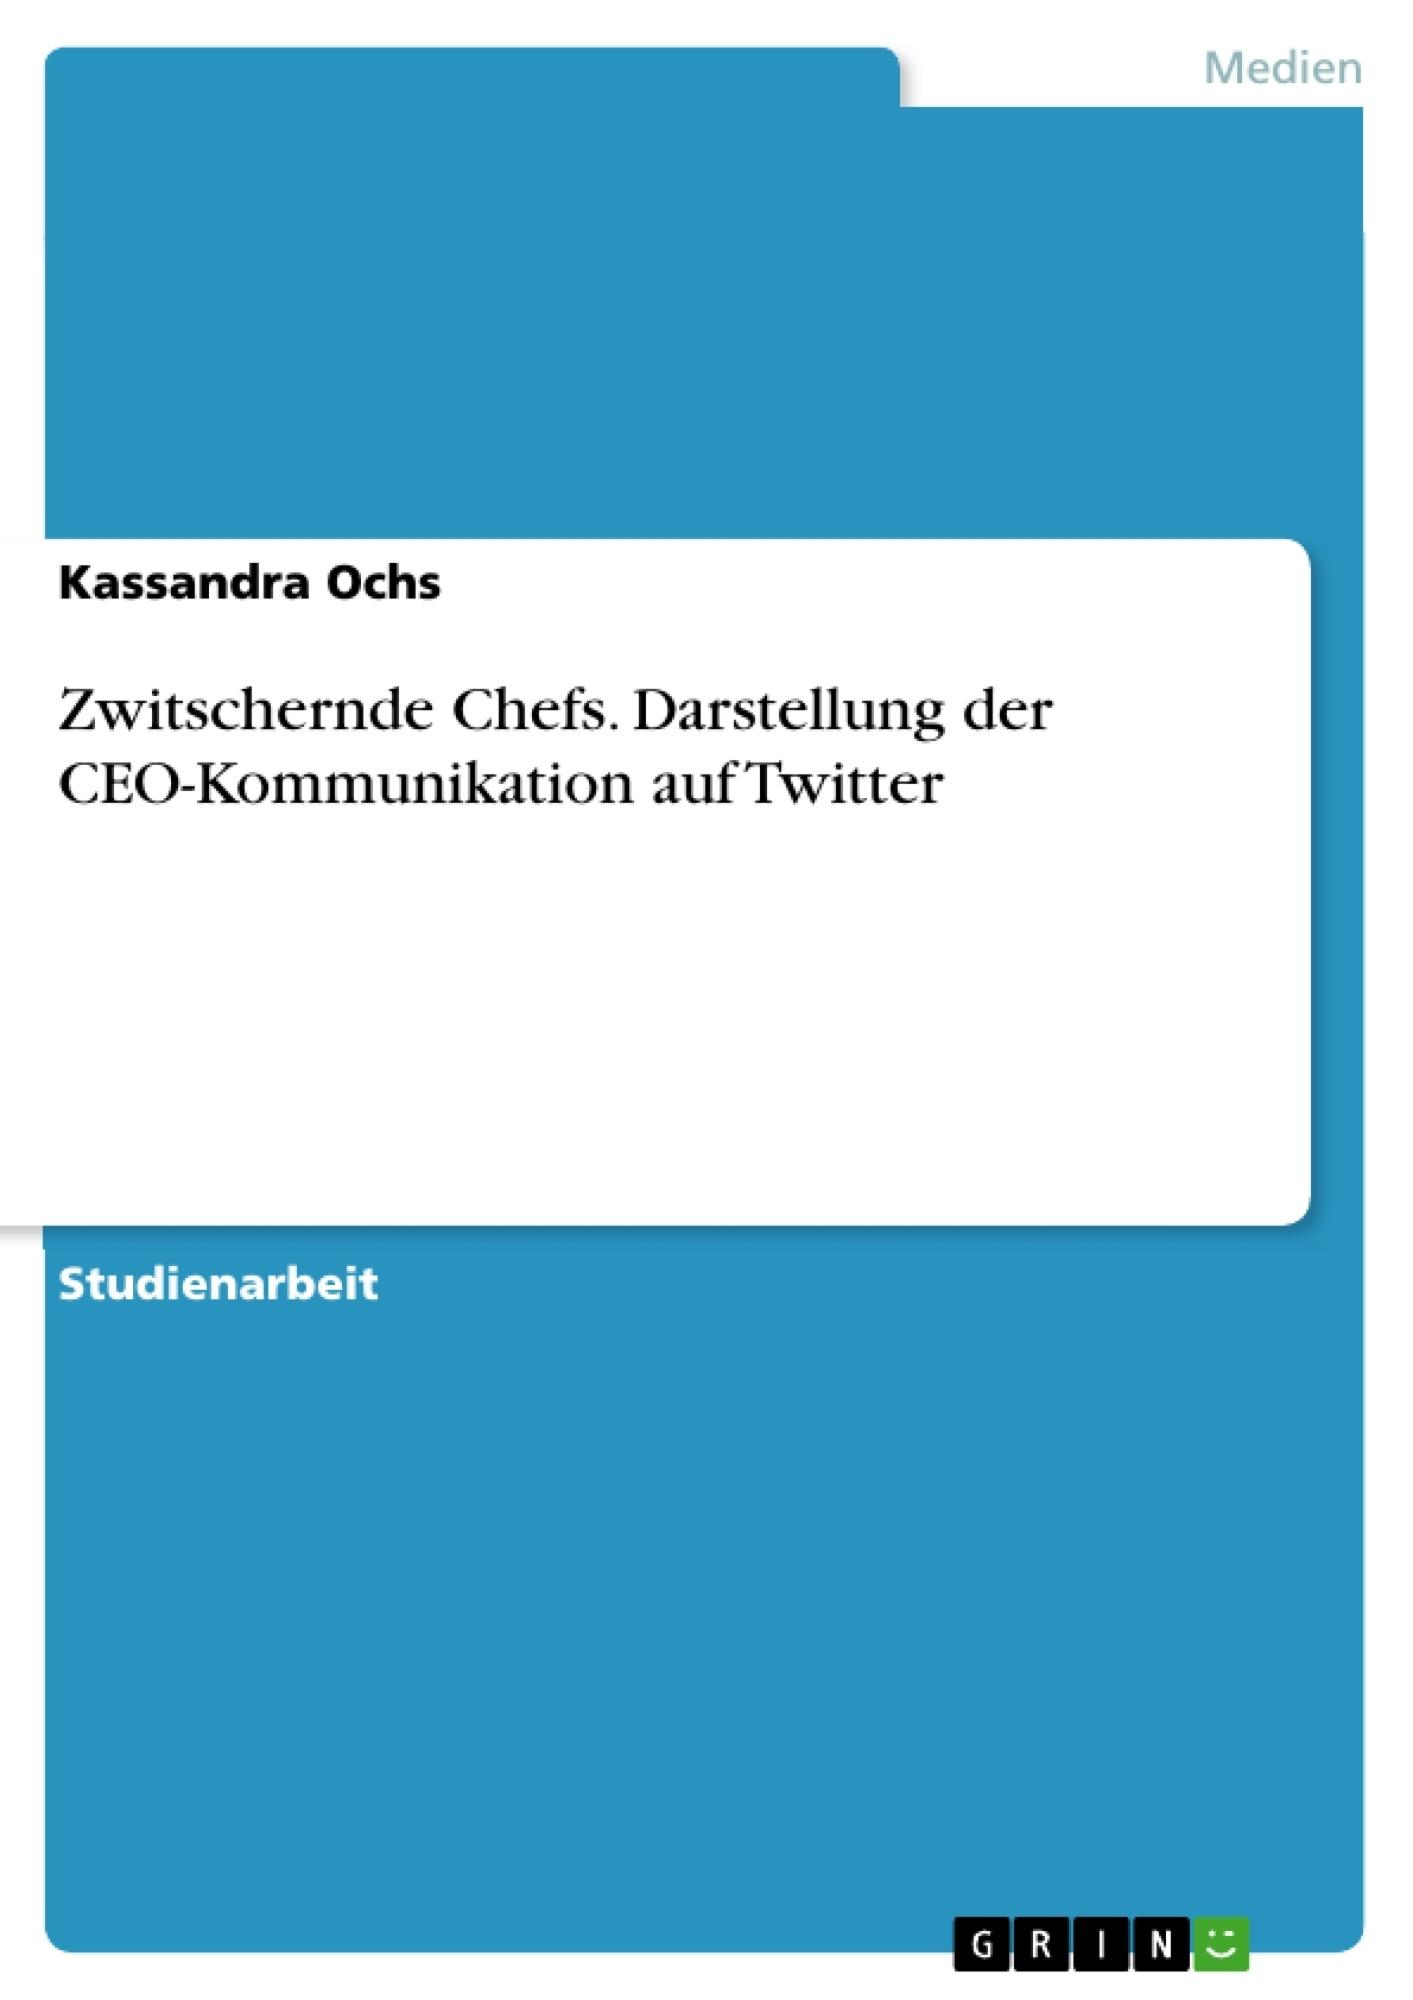 Titel: Zwitschernde Chefs. Darstellung der CEO-Kommunikation auf Twitter